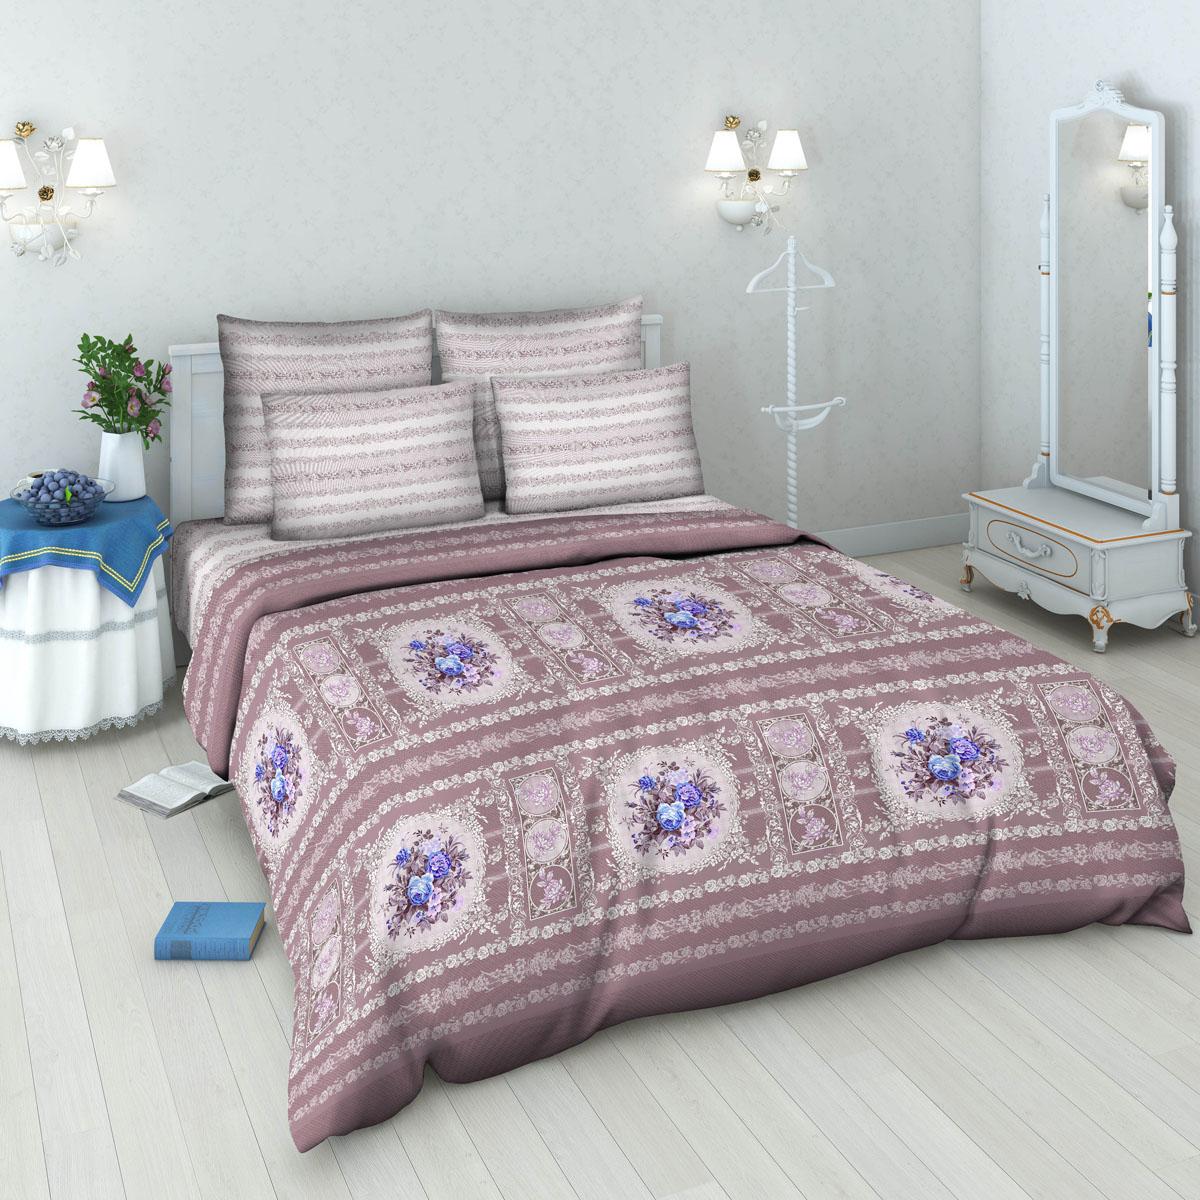 Комплект белья Василиса, 1,5-спальный, наволочки 70х70. 5378_2/1,568/5/3Комплект постельного белья Василиса состоит из пододеяльника, простыни и двух наволочек. Белье производится из высококачественной бязи (100% хлопка).Использование особо тонкой пряжи делает ткань мягче на ощупь, обеспечивает легкое глажение и позволяет передать всю насыщенность цветовой гаммы. Благодаря более плотному переплетению нитей и использованию высококачественных импортных красителей постельное белье выдерживает до 70 стирок.Приобретая комплект постельного белья Василиса, вы можете быть уверены в том, что покупка доставит вам удовольствие и подарит максимальный комфорт.